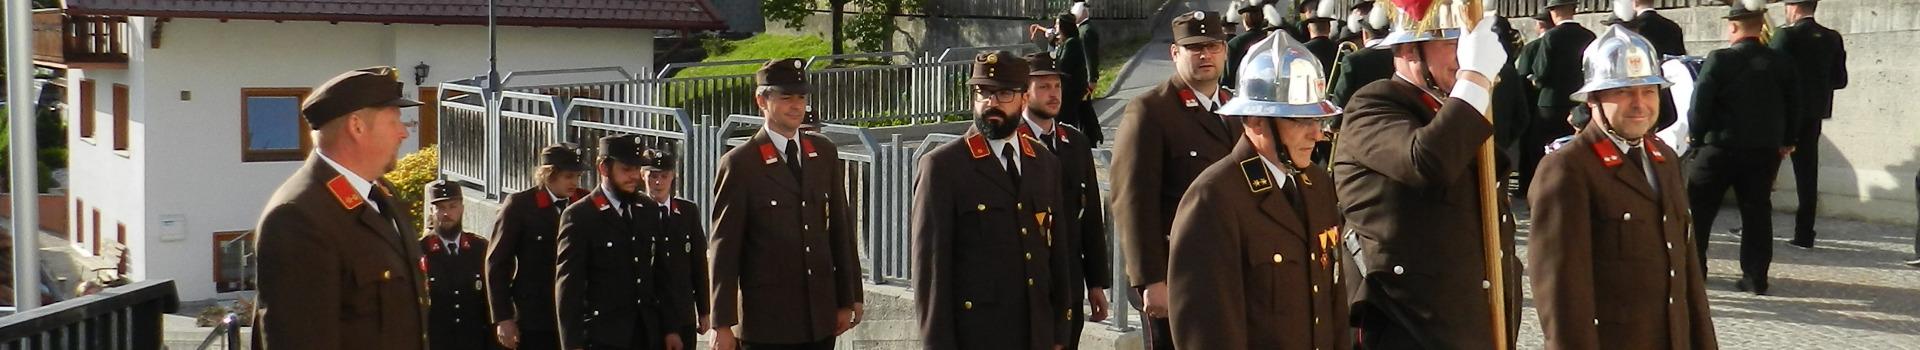 Florianifeier und Kameradschaftsabend 2018